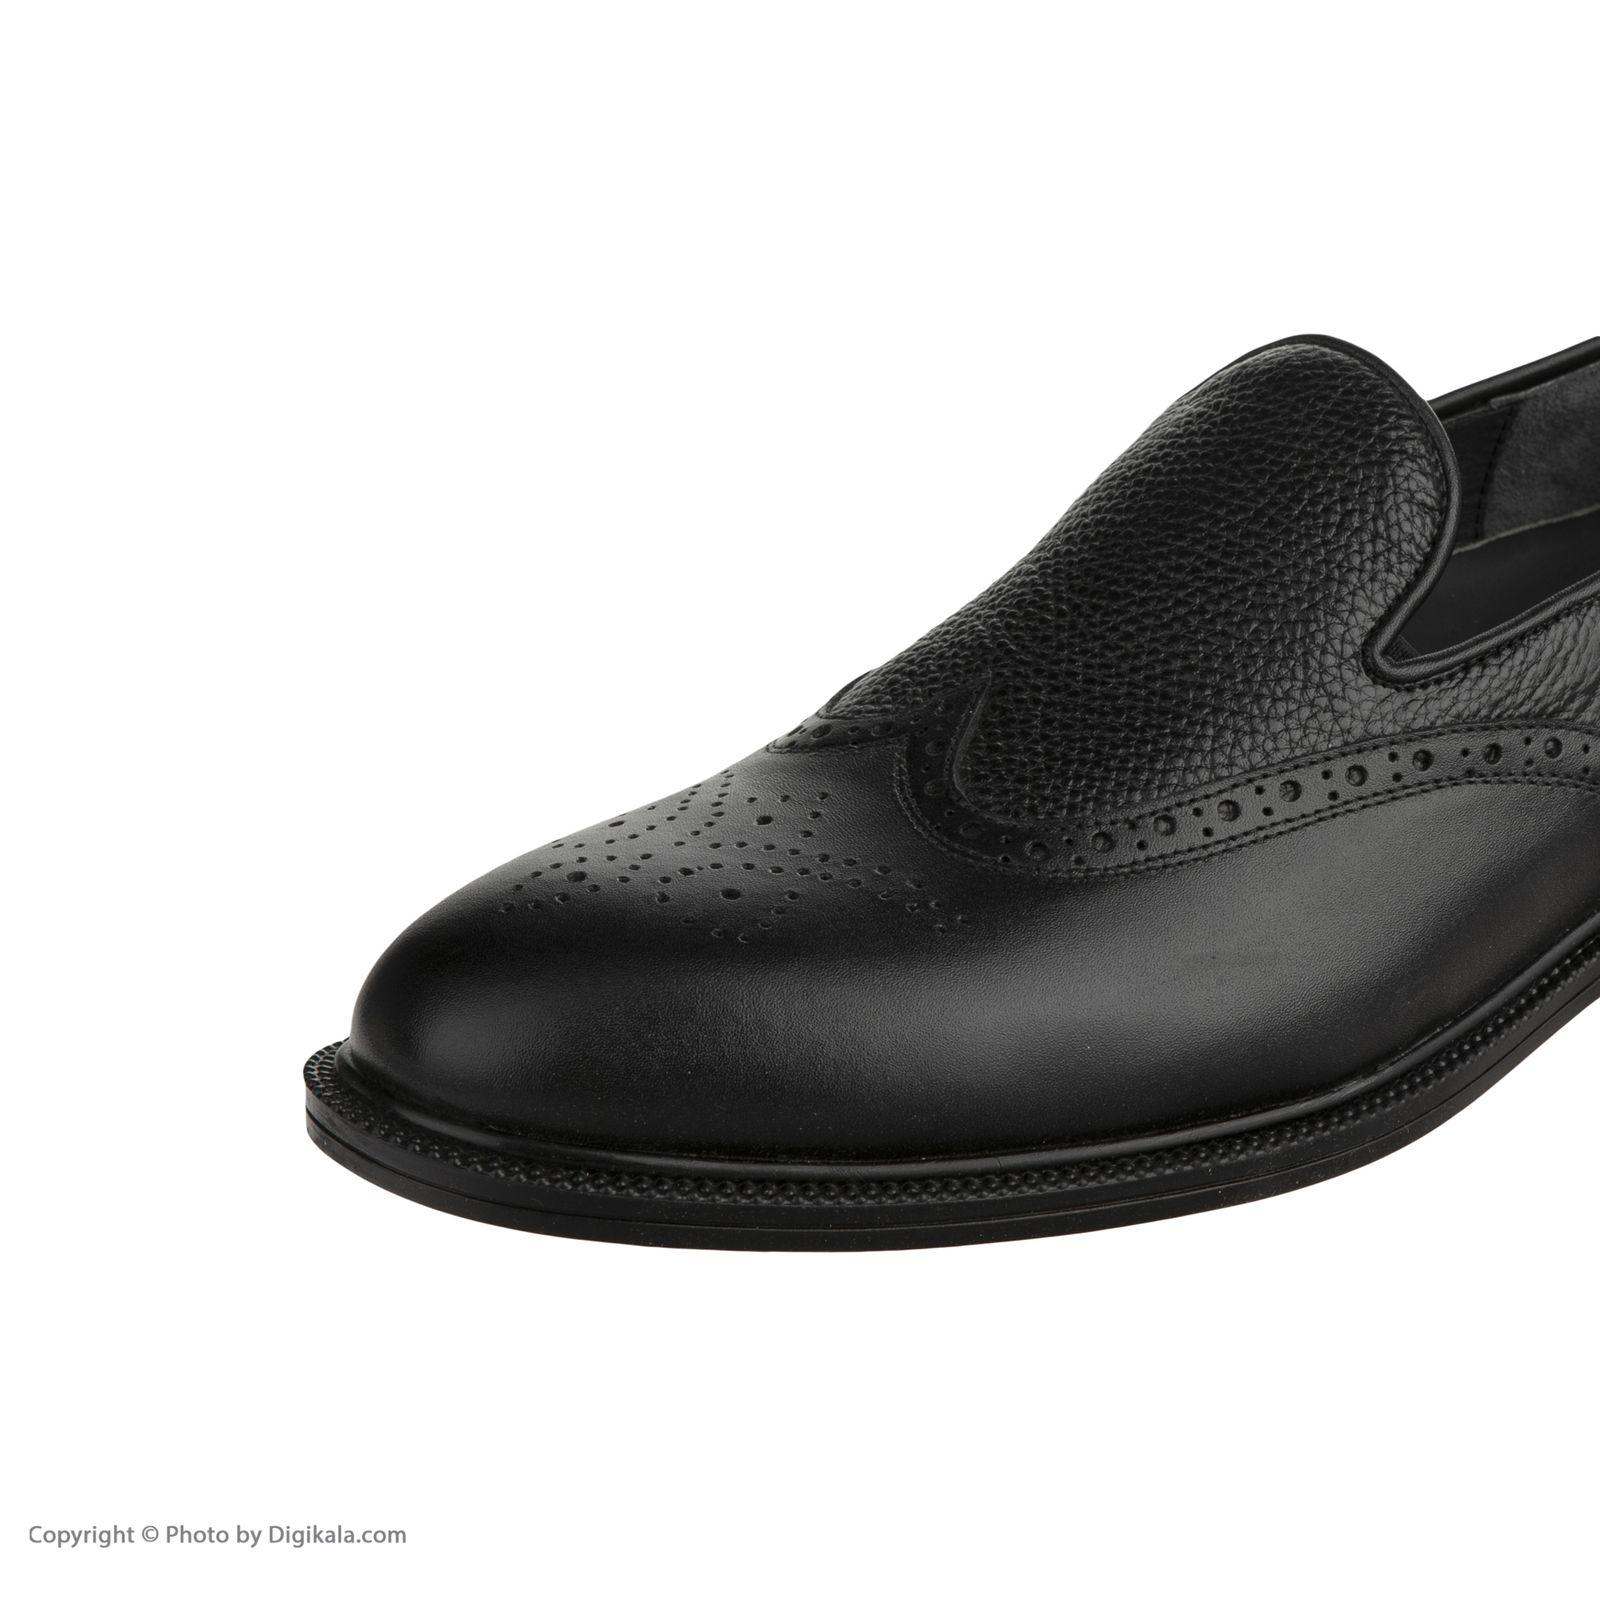 کفش مردانه بلوط مدل 7295A503101 -  - 8